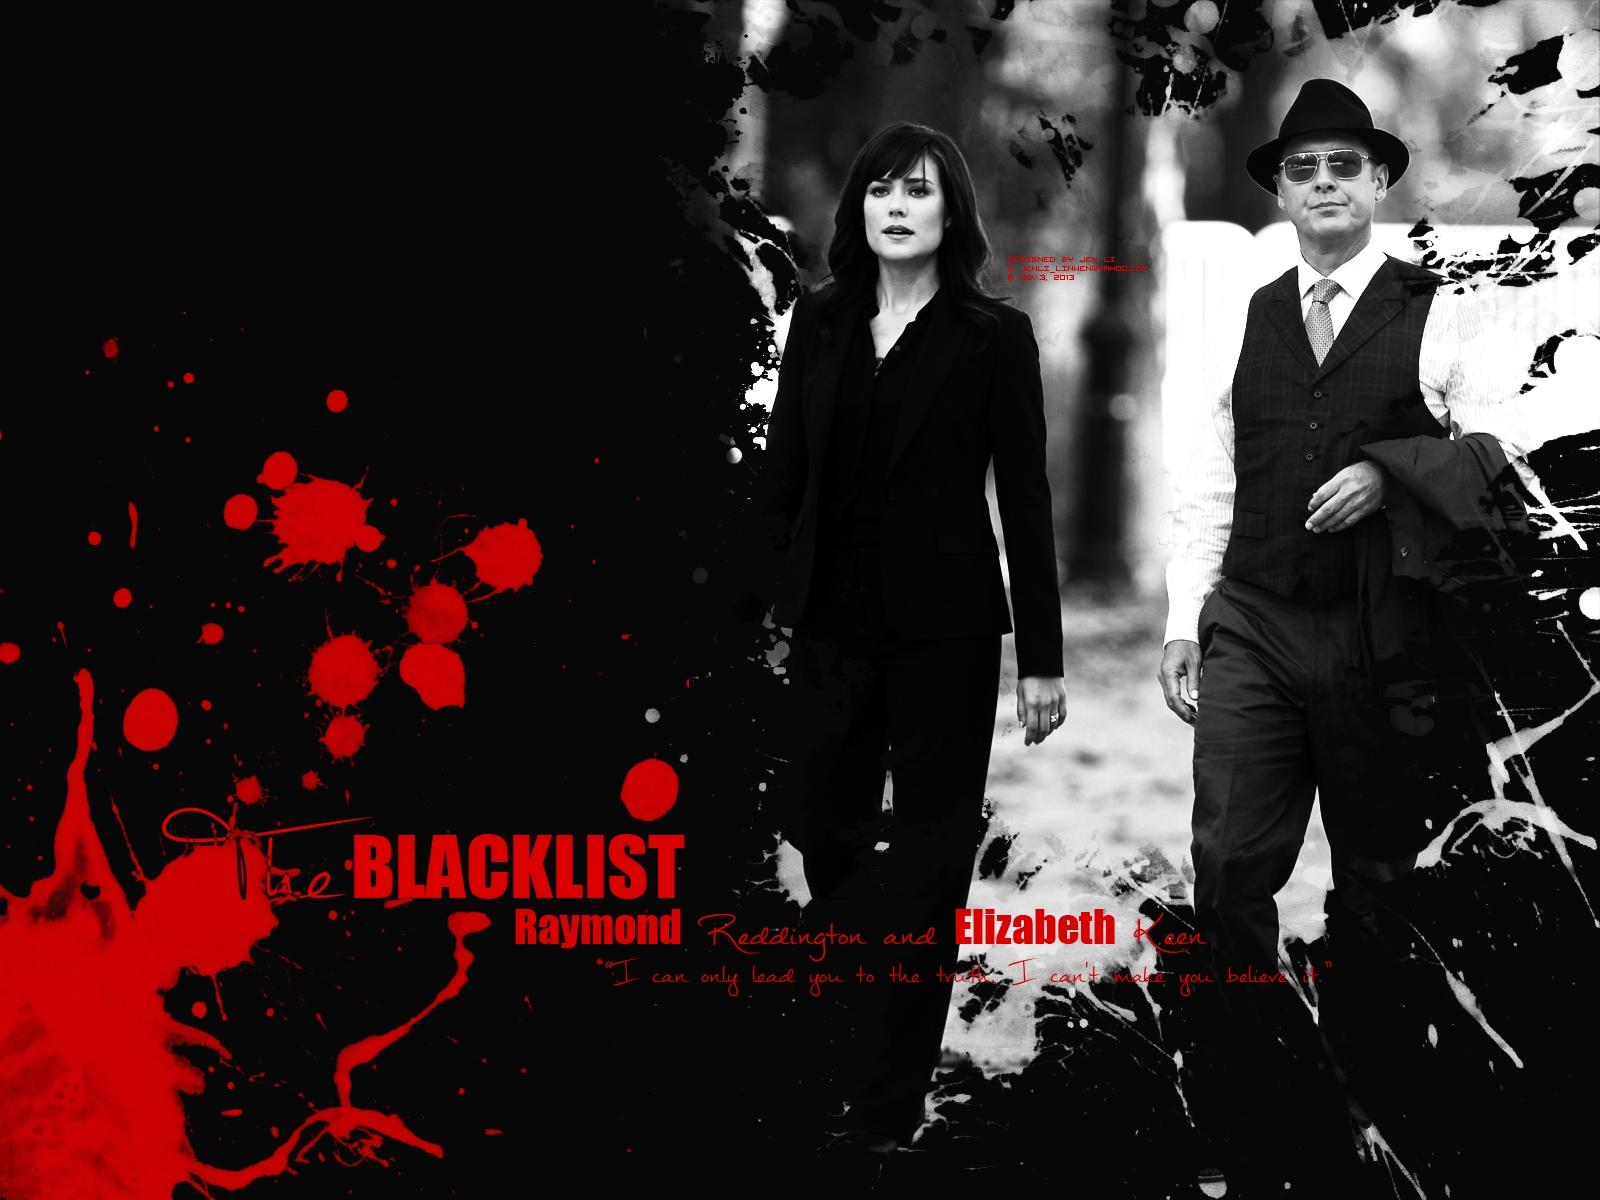 [影集] The Blacklist (2013~) Red-and-Liz-the-blacklist-36004897-1600-1200